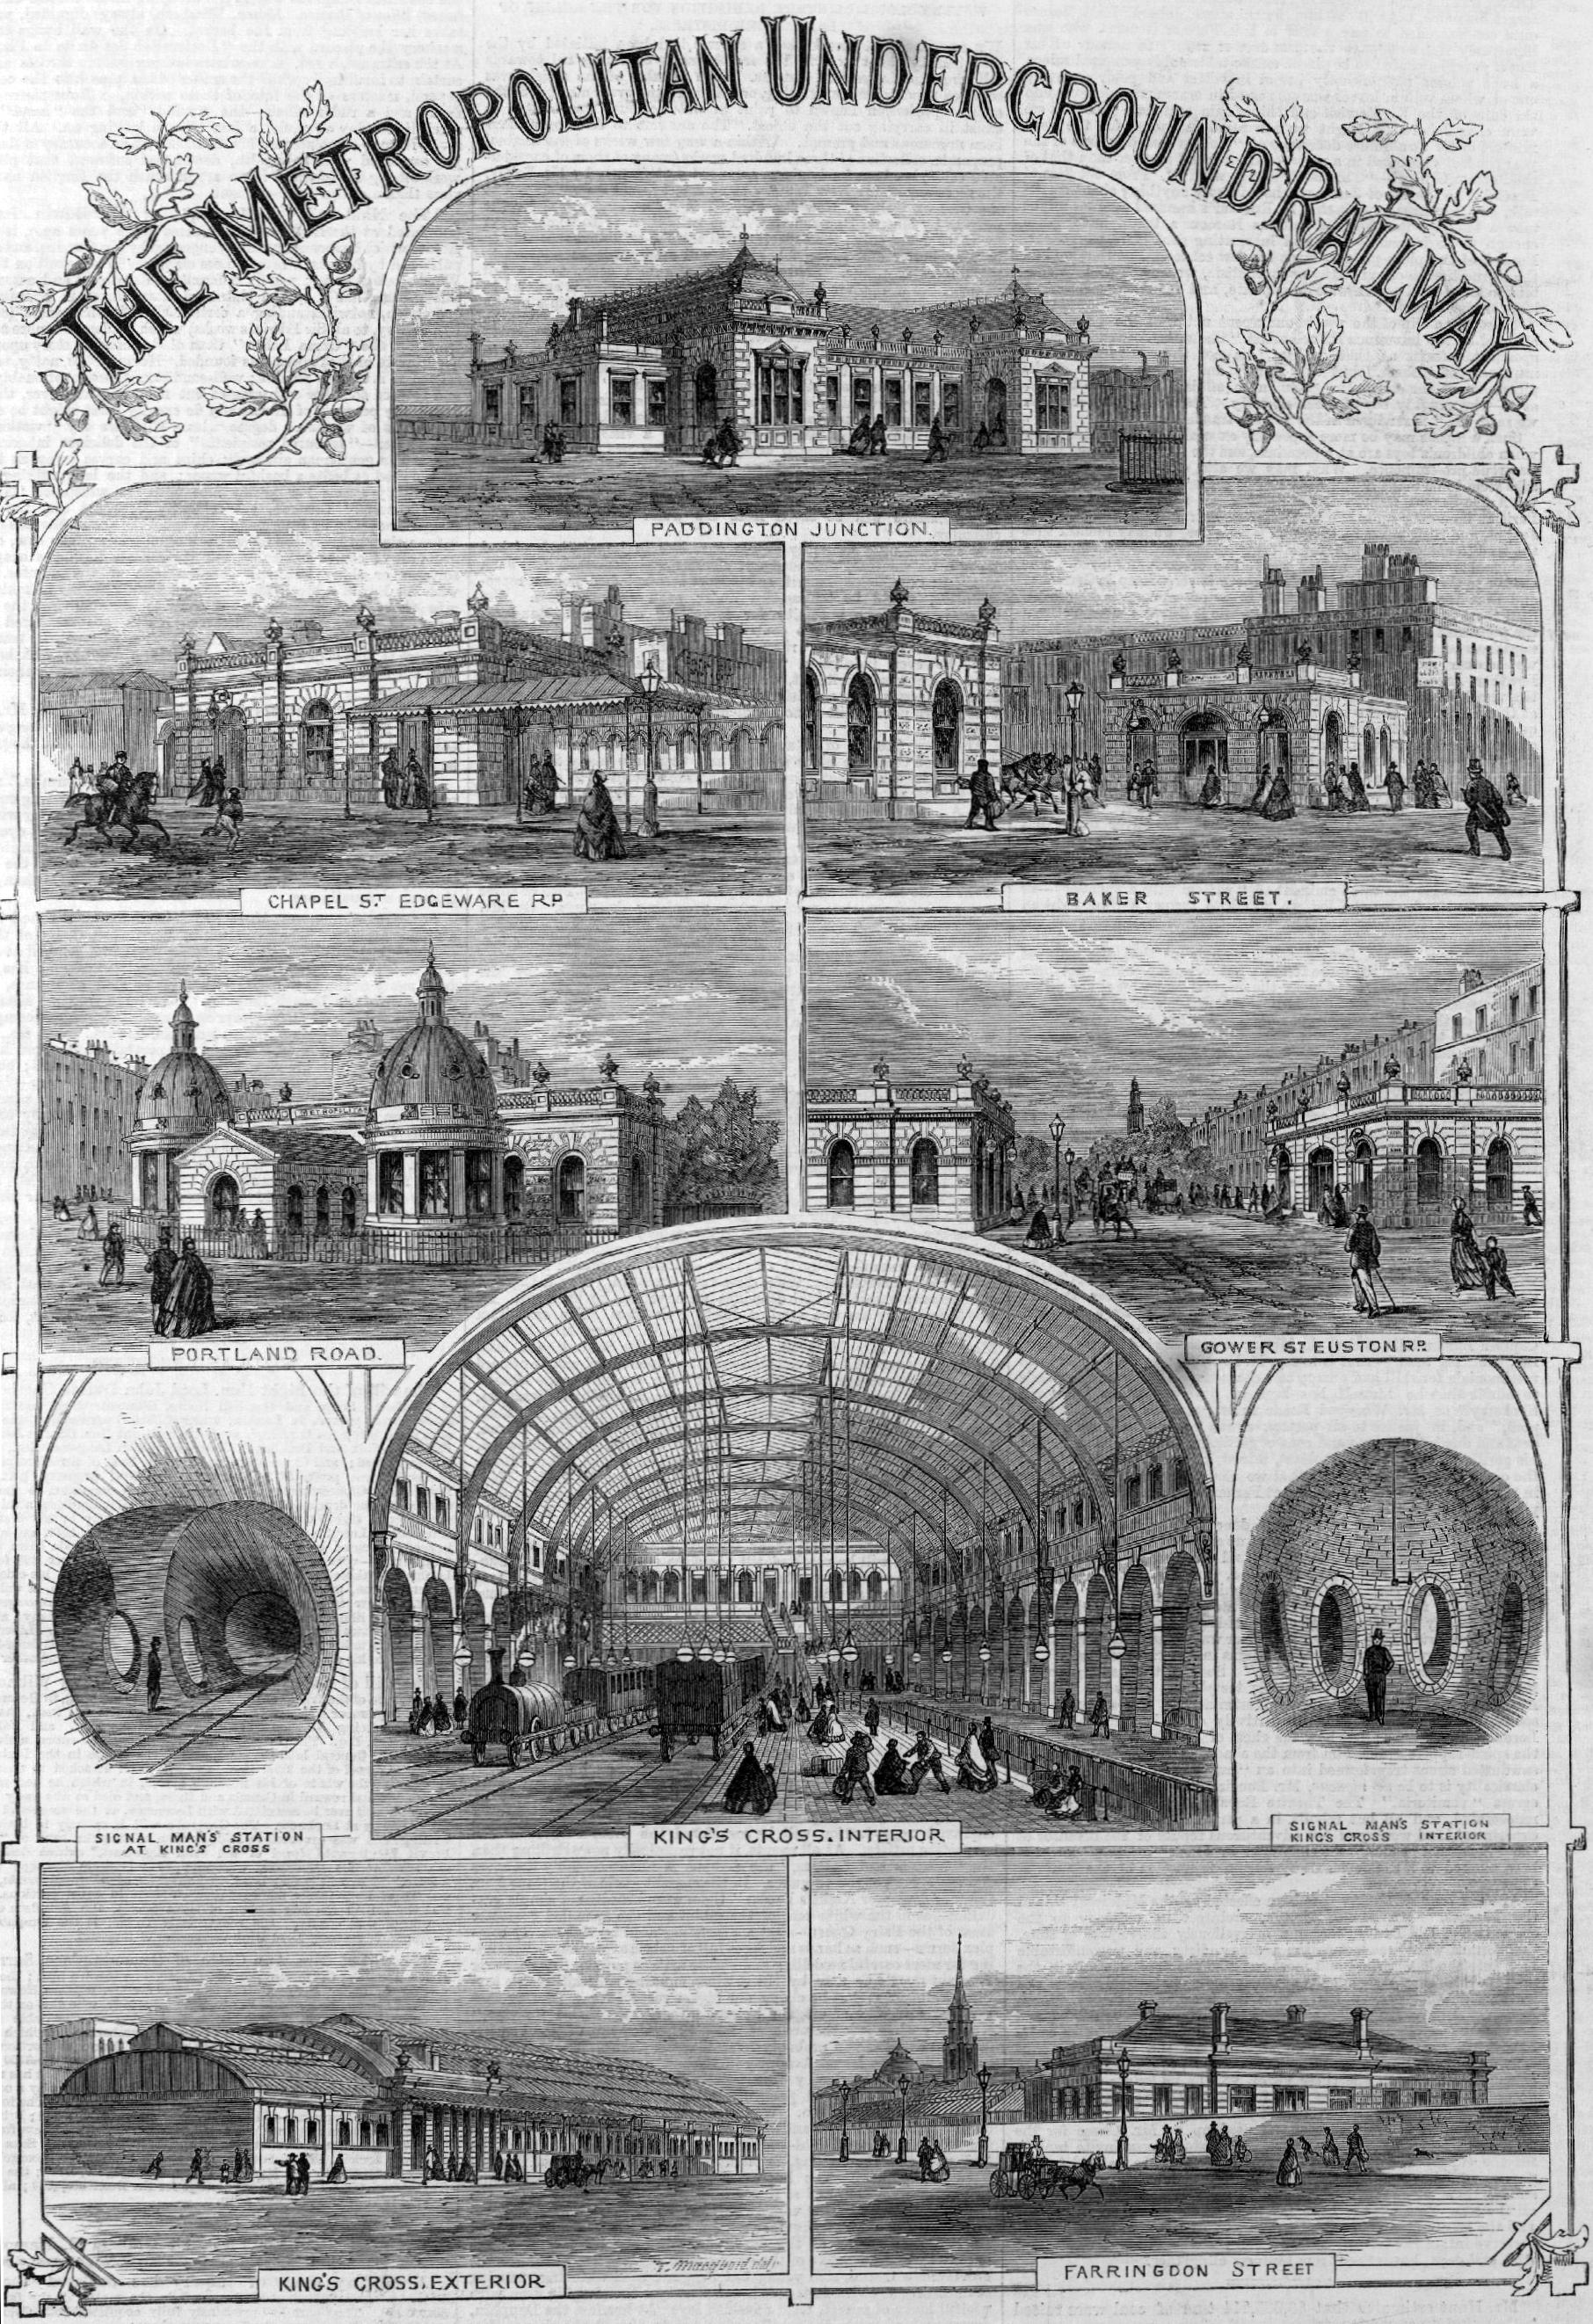 Underground railroad stations